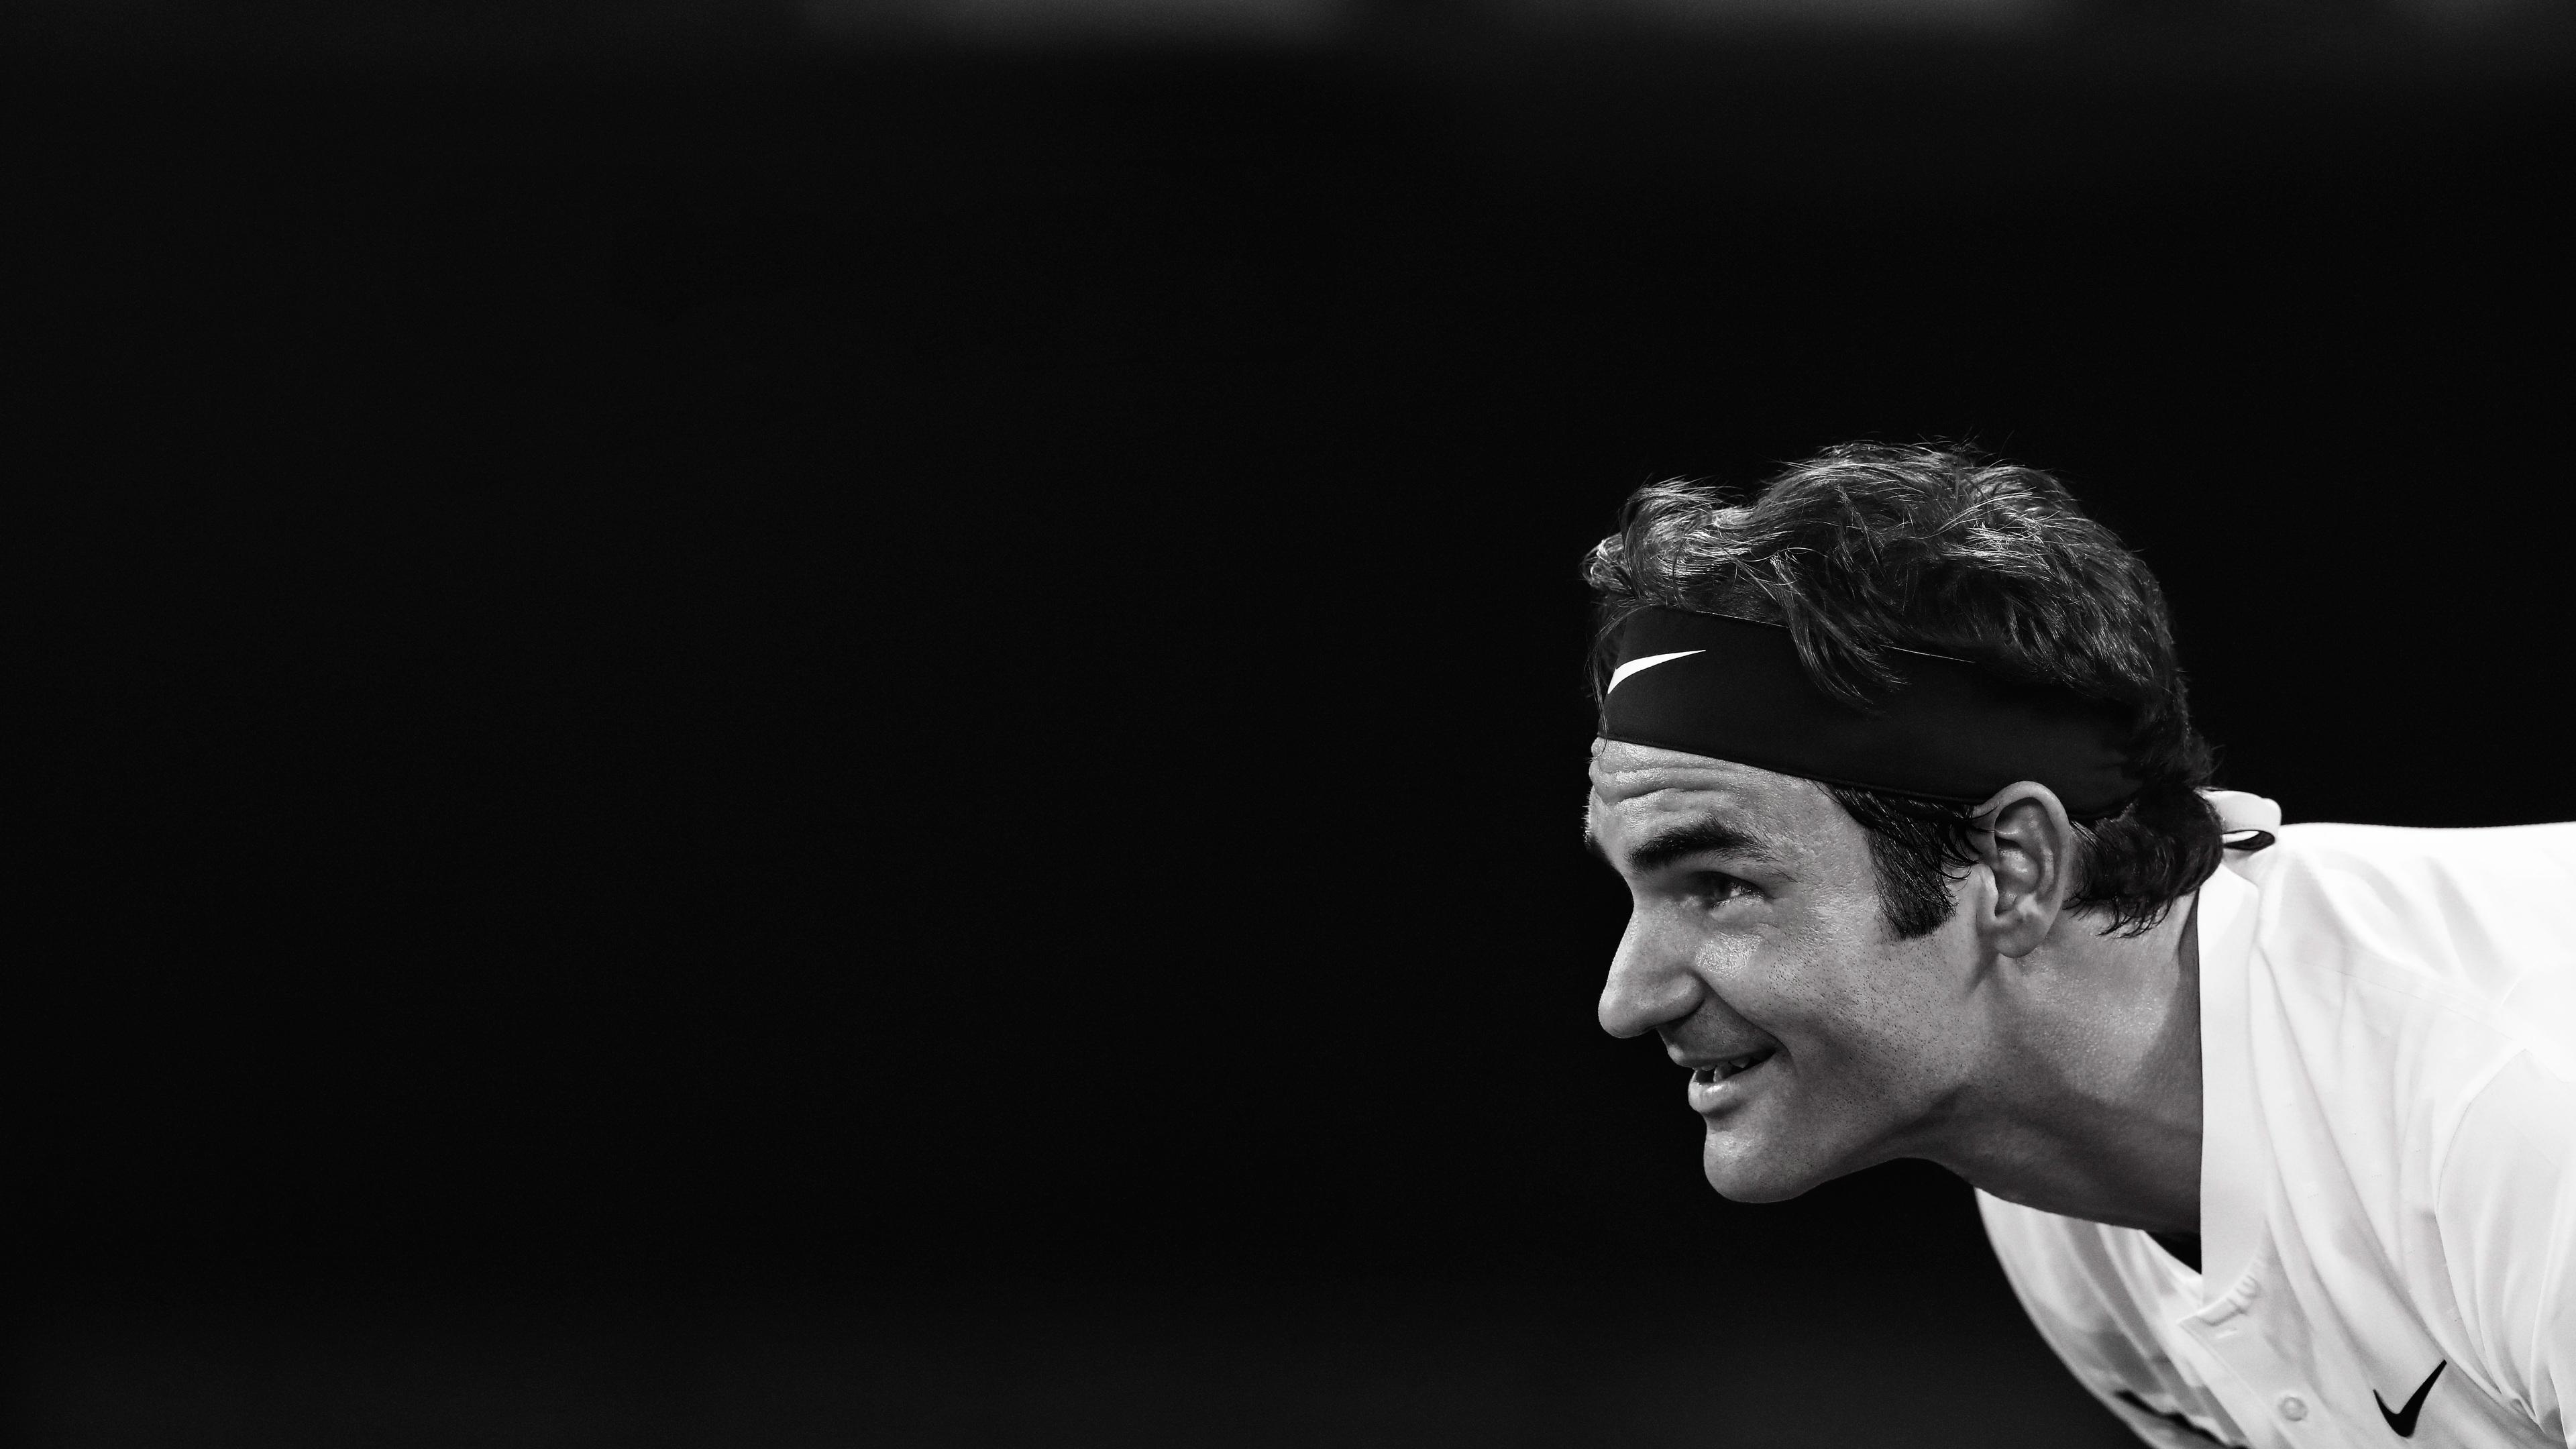 roger federer 5k 1538786925 - Roger Federer 5k - tennis wallpapers, sports wallpapers, roger federer wallpapers, monochrome wallpapers, male celebrities wallpapers, hd-wallpapers, boys wallpapers, black and white wallpapers, 5k wallpapers, 4k-wallpapers